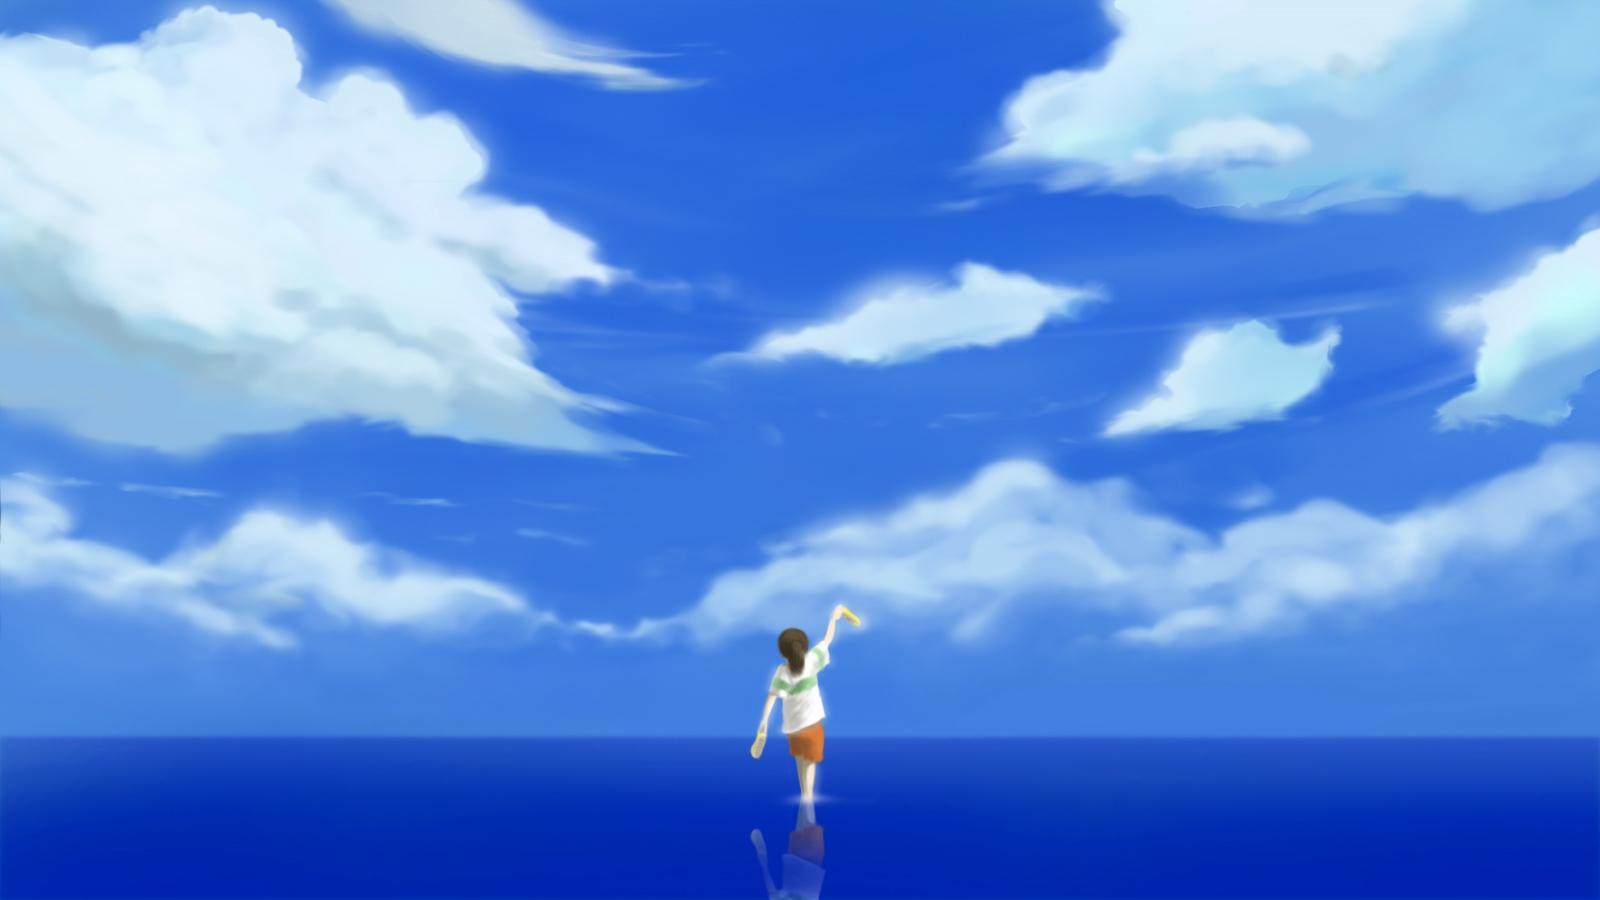 宫崎骏的所有作品好看壁纸(资料图)图片